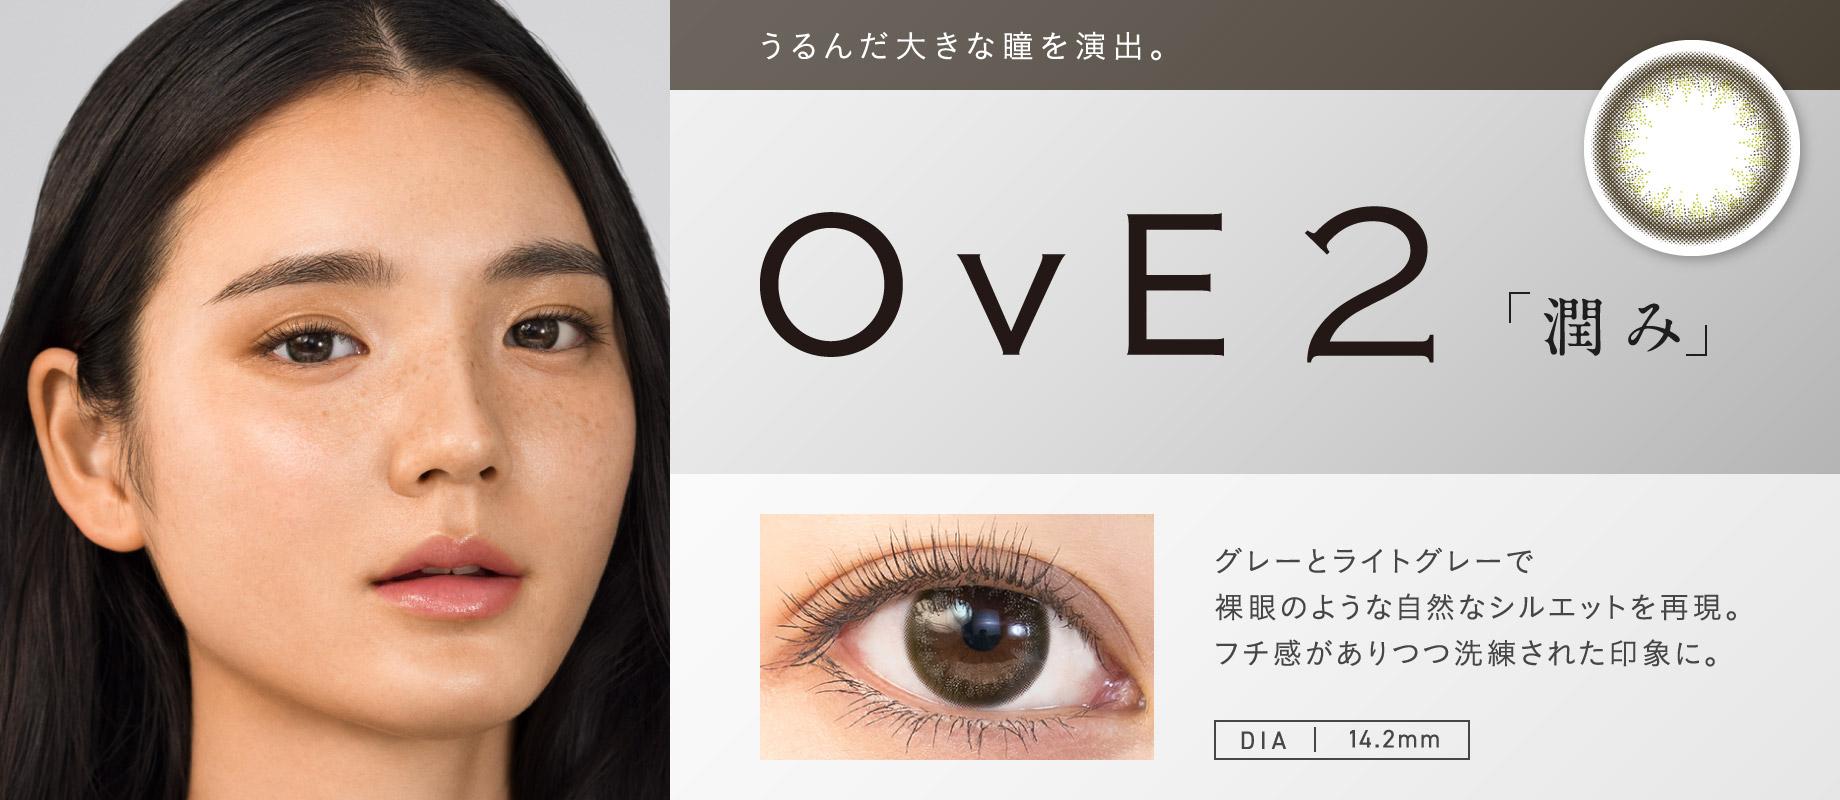 オヴィ216